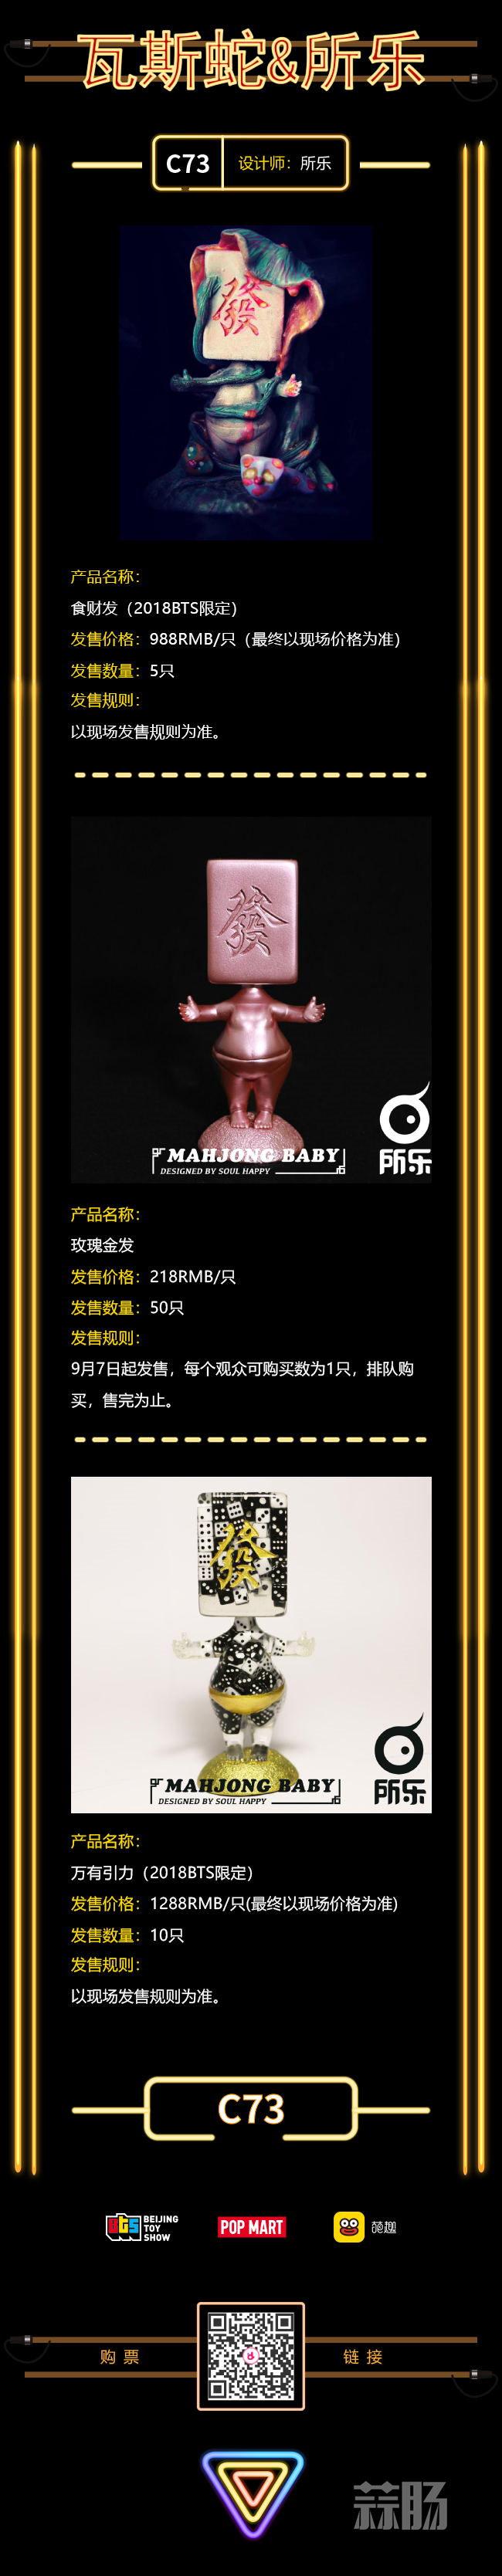 2018北京国际潮流玩具展第一波超人气限定品公开 漫展 第18张